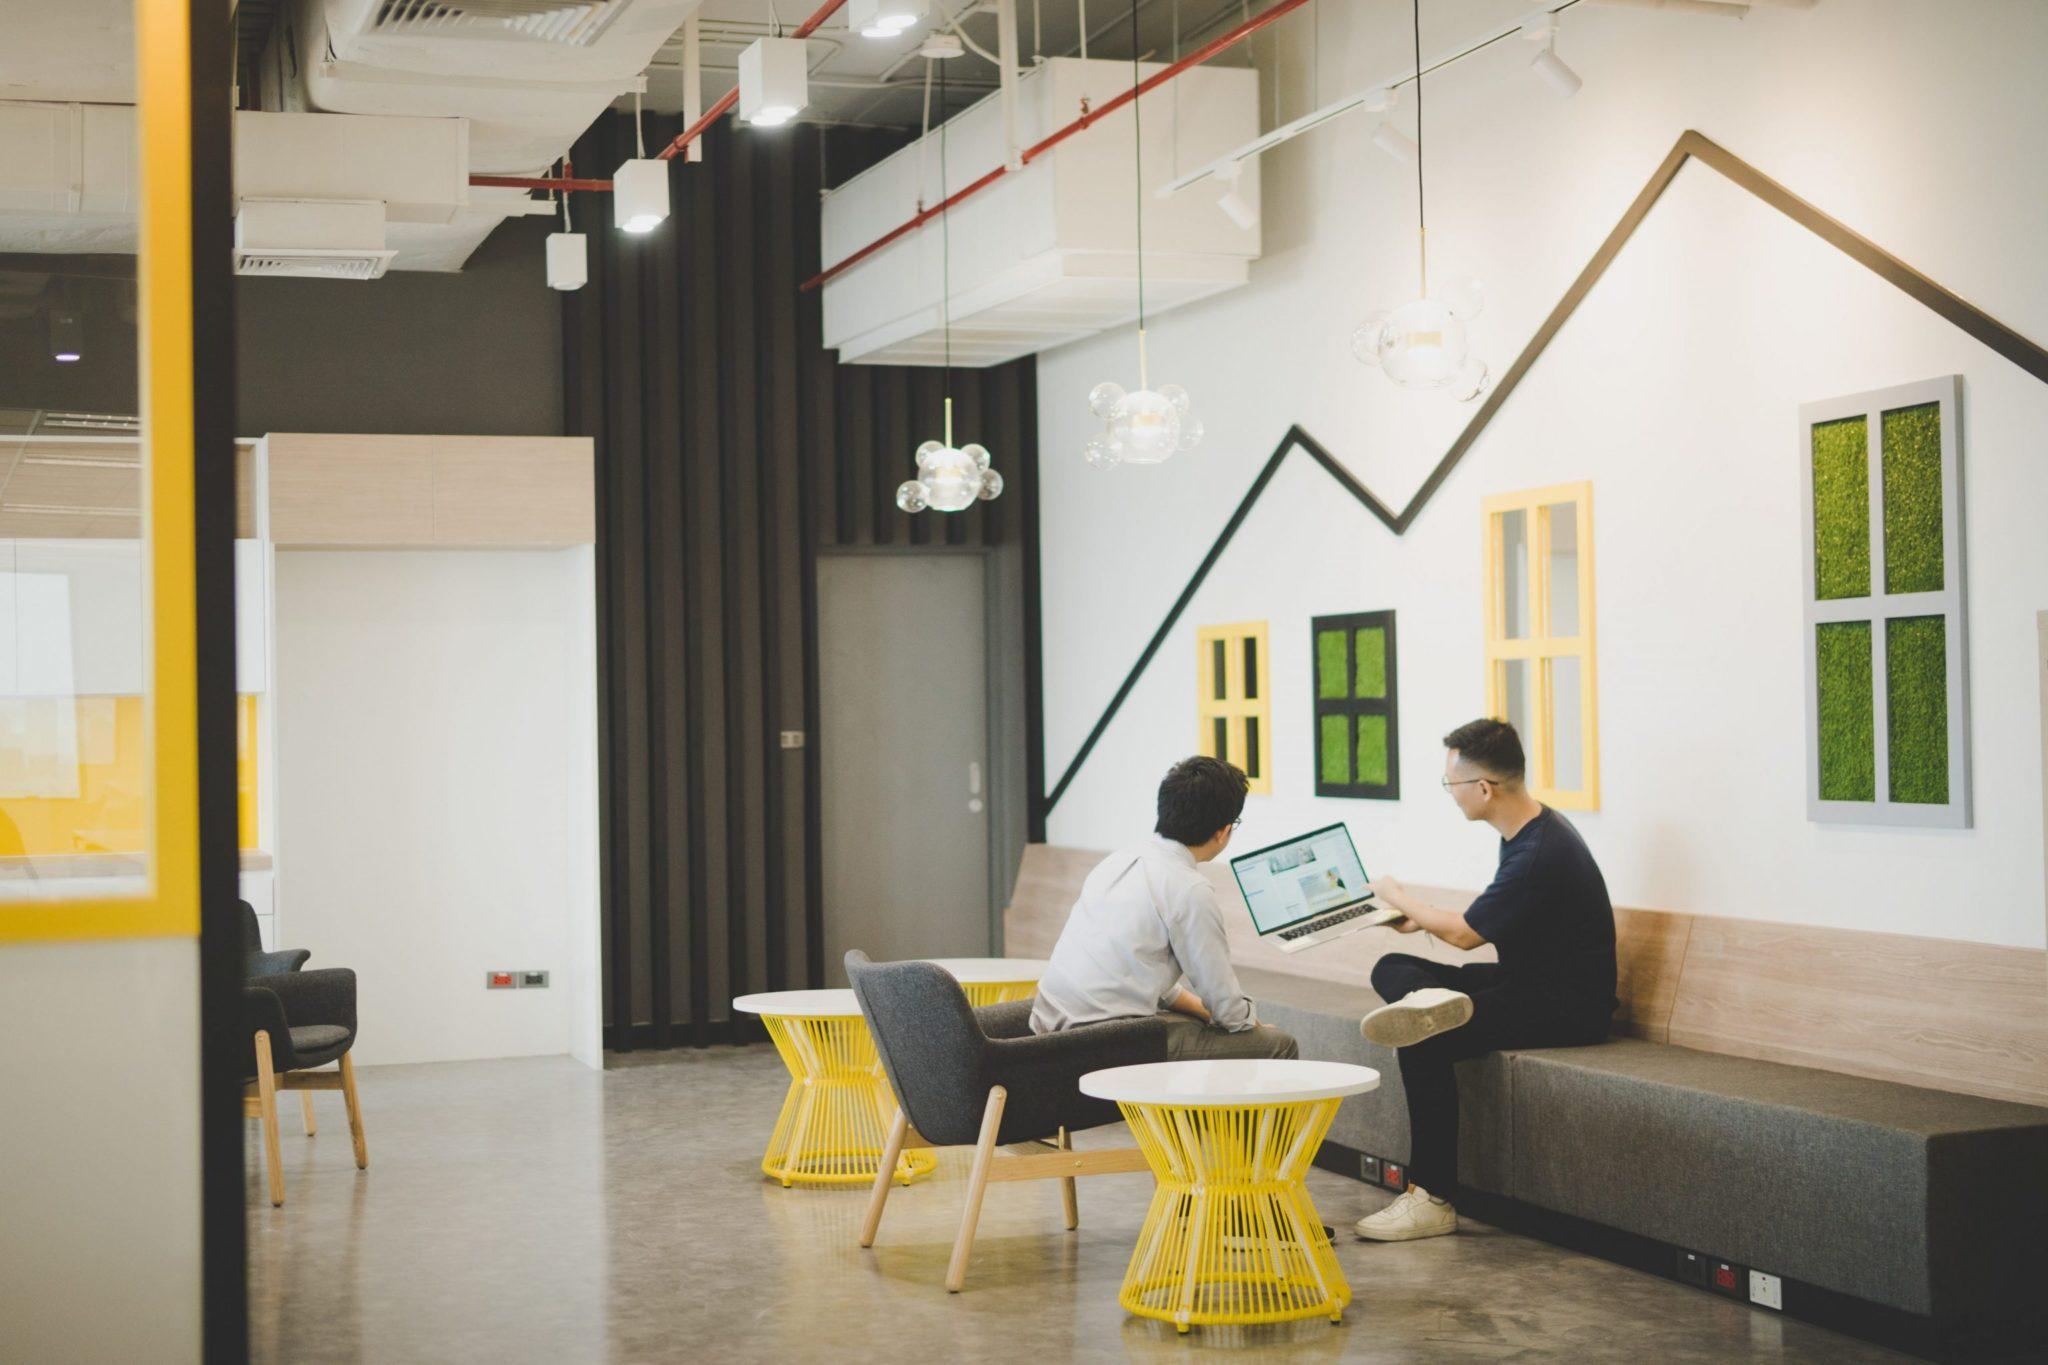 """ออฟฟิศแนวคิดใหม่ สุดฮิปของชาวกรุงศรีฯ ในสไตล์ Co-Working Space ที่ให้งาน Finish แบบไม่ติดสตั้นท์"""" 13 -"""